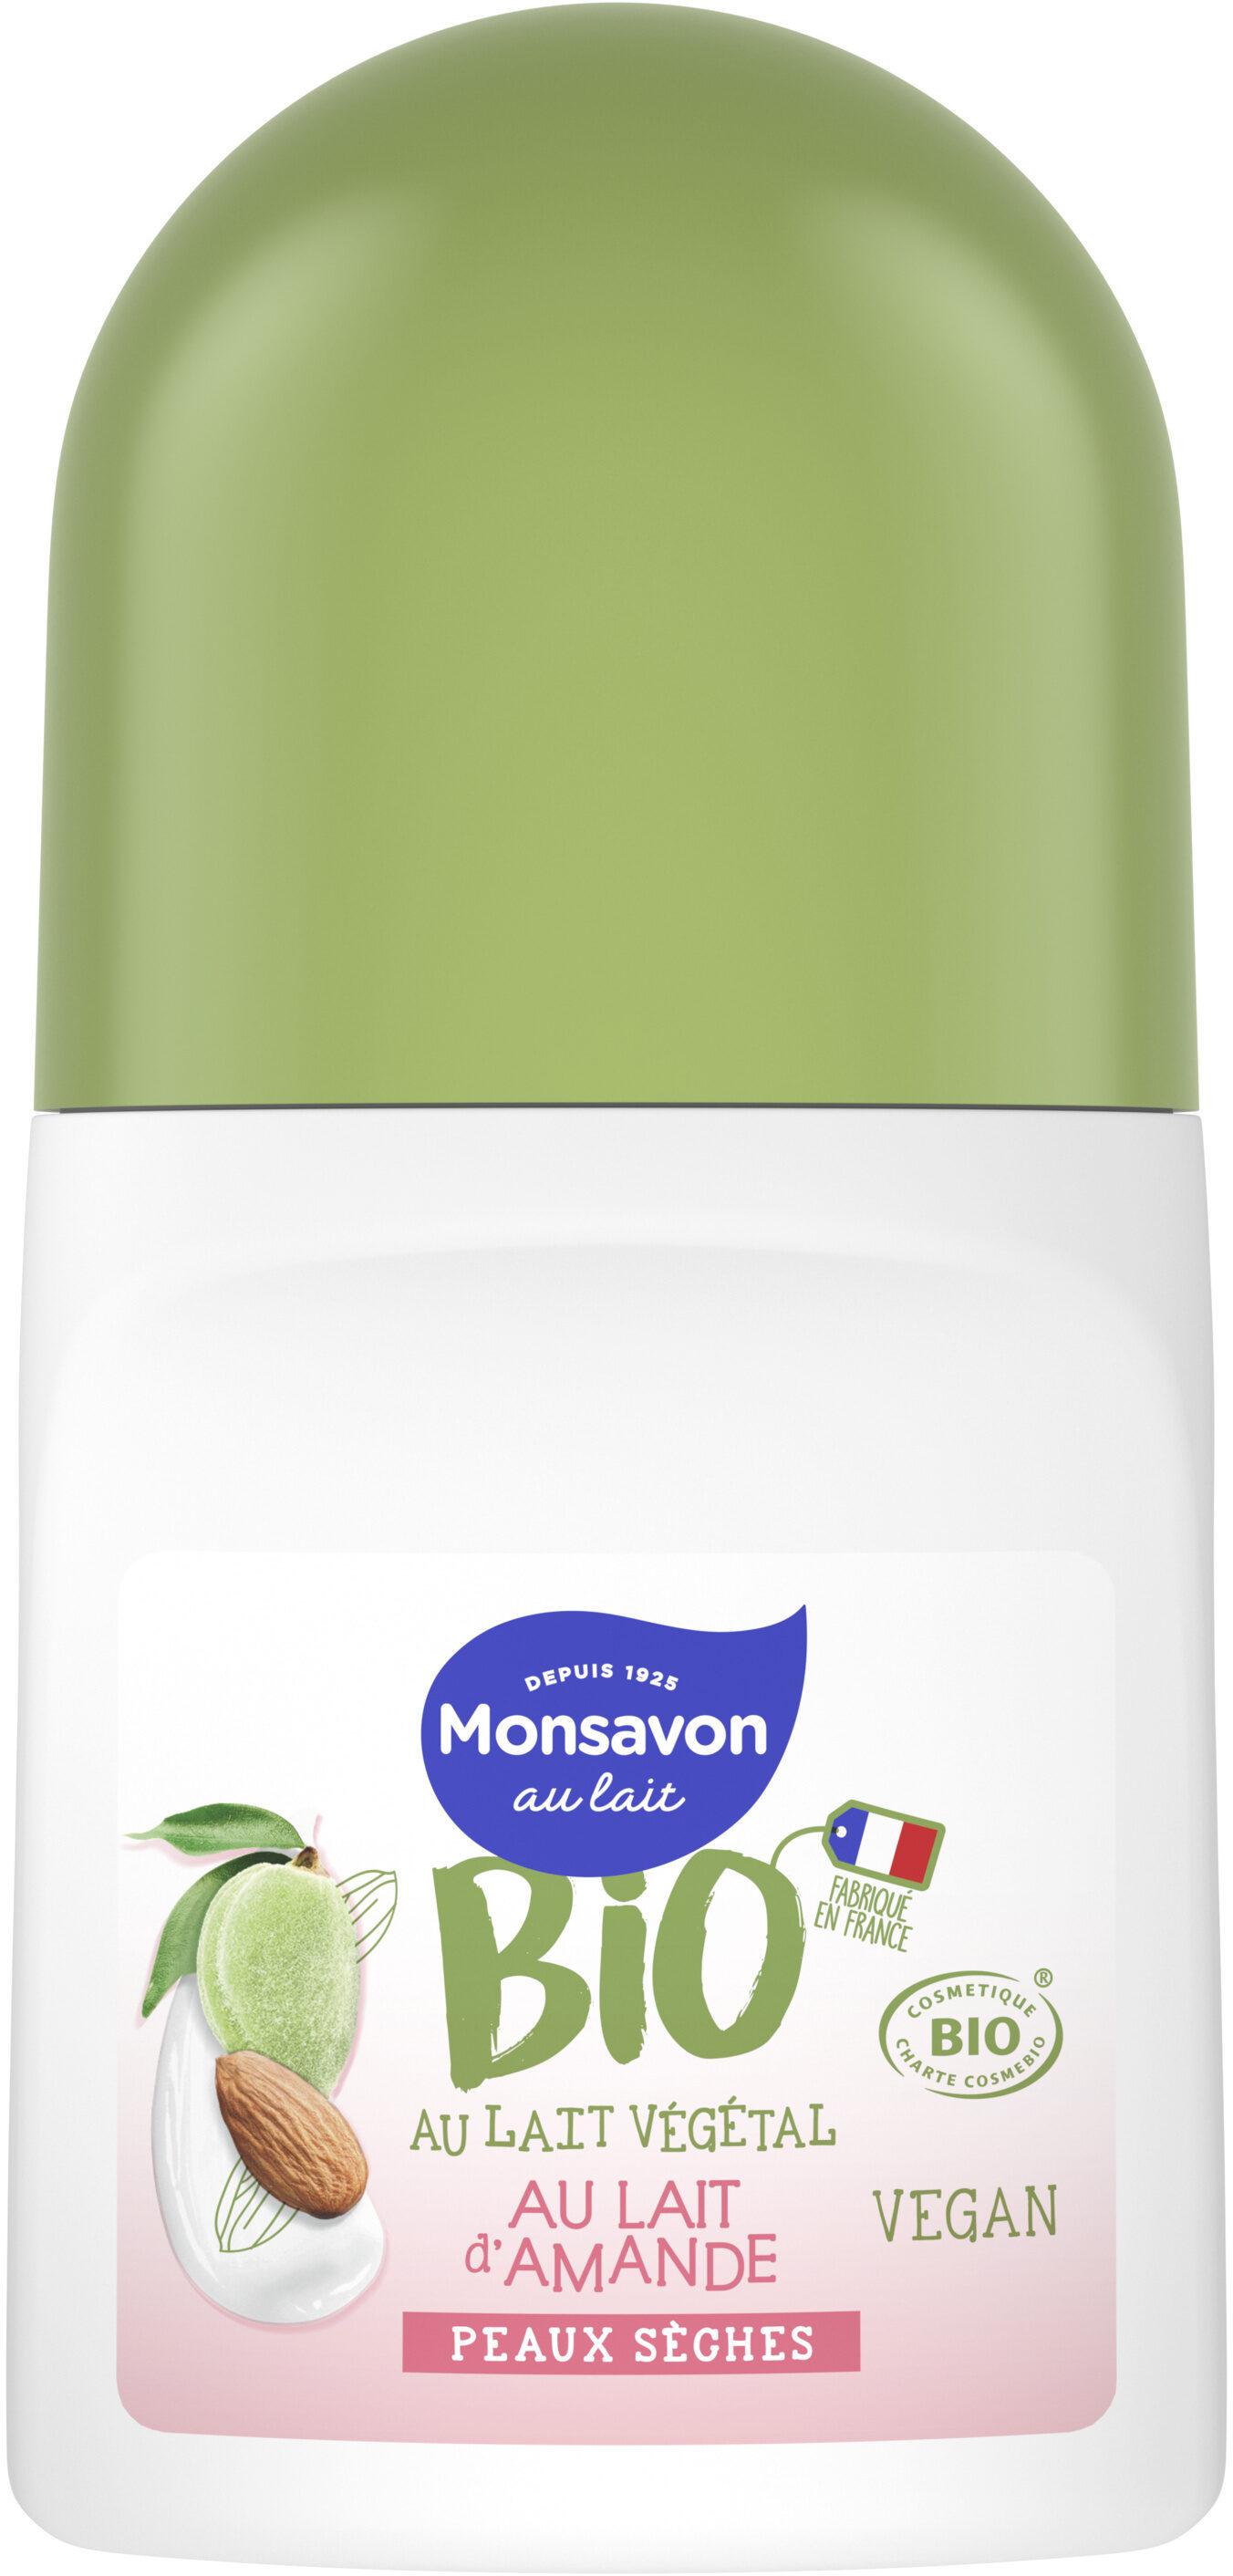 Monsavon Déodorant Bille Bio Lait Amande - Product - fr